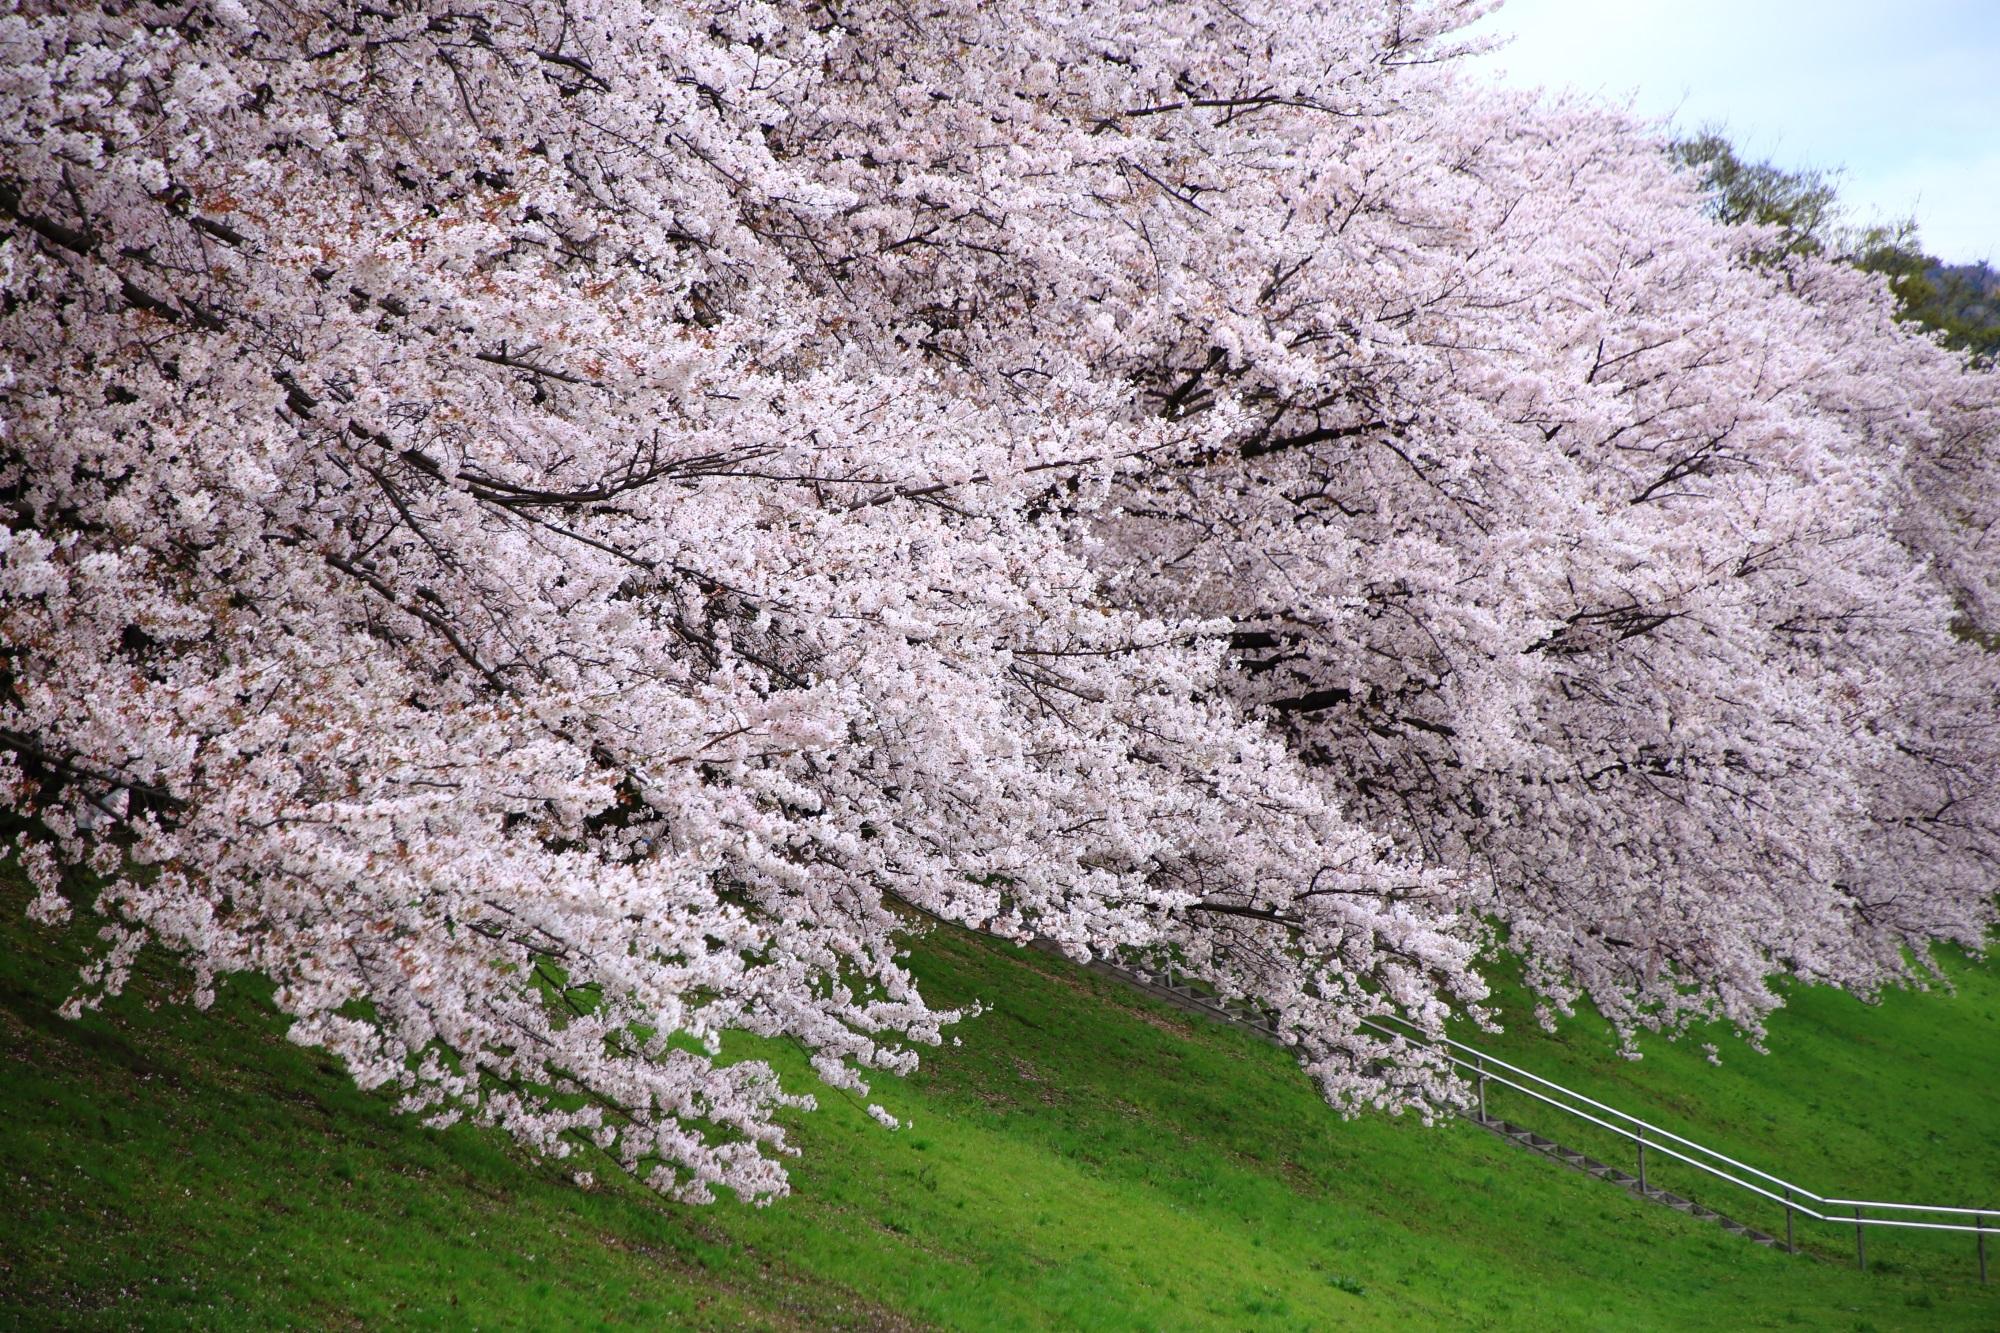 凄すぎて現実か夢か何なのか訳が分からなくなりそうな桜